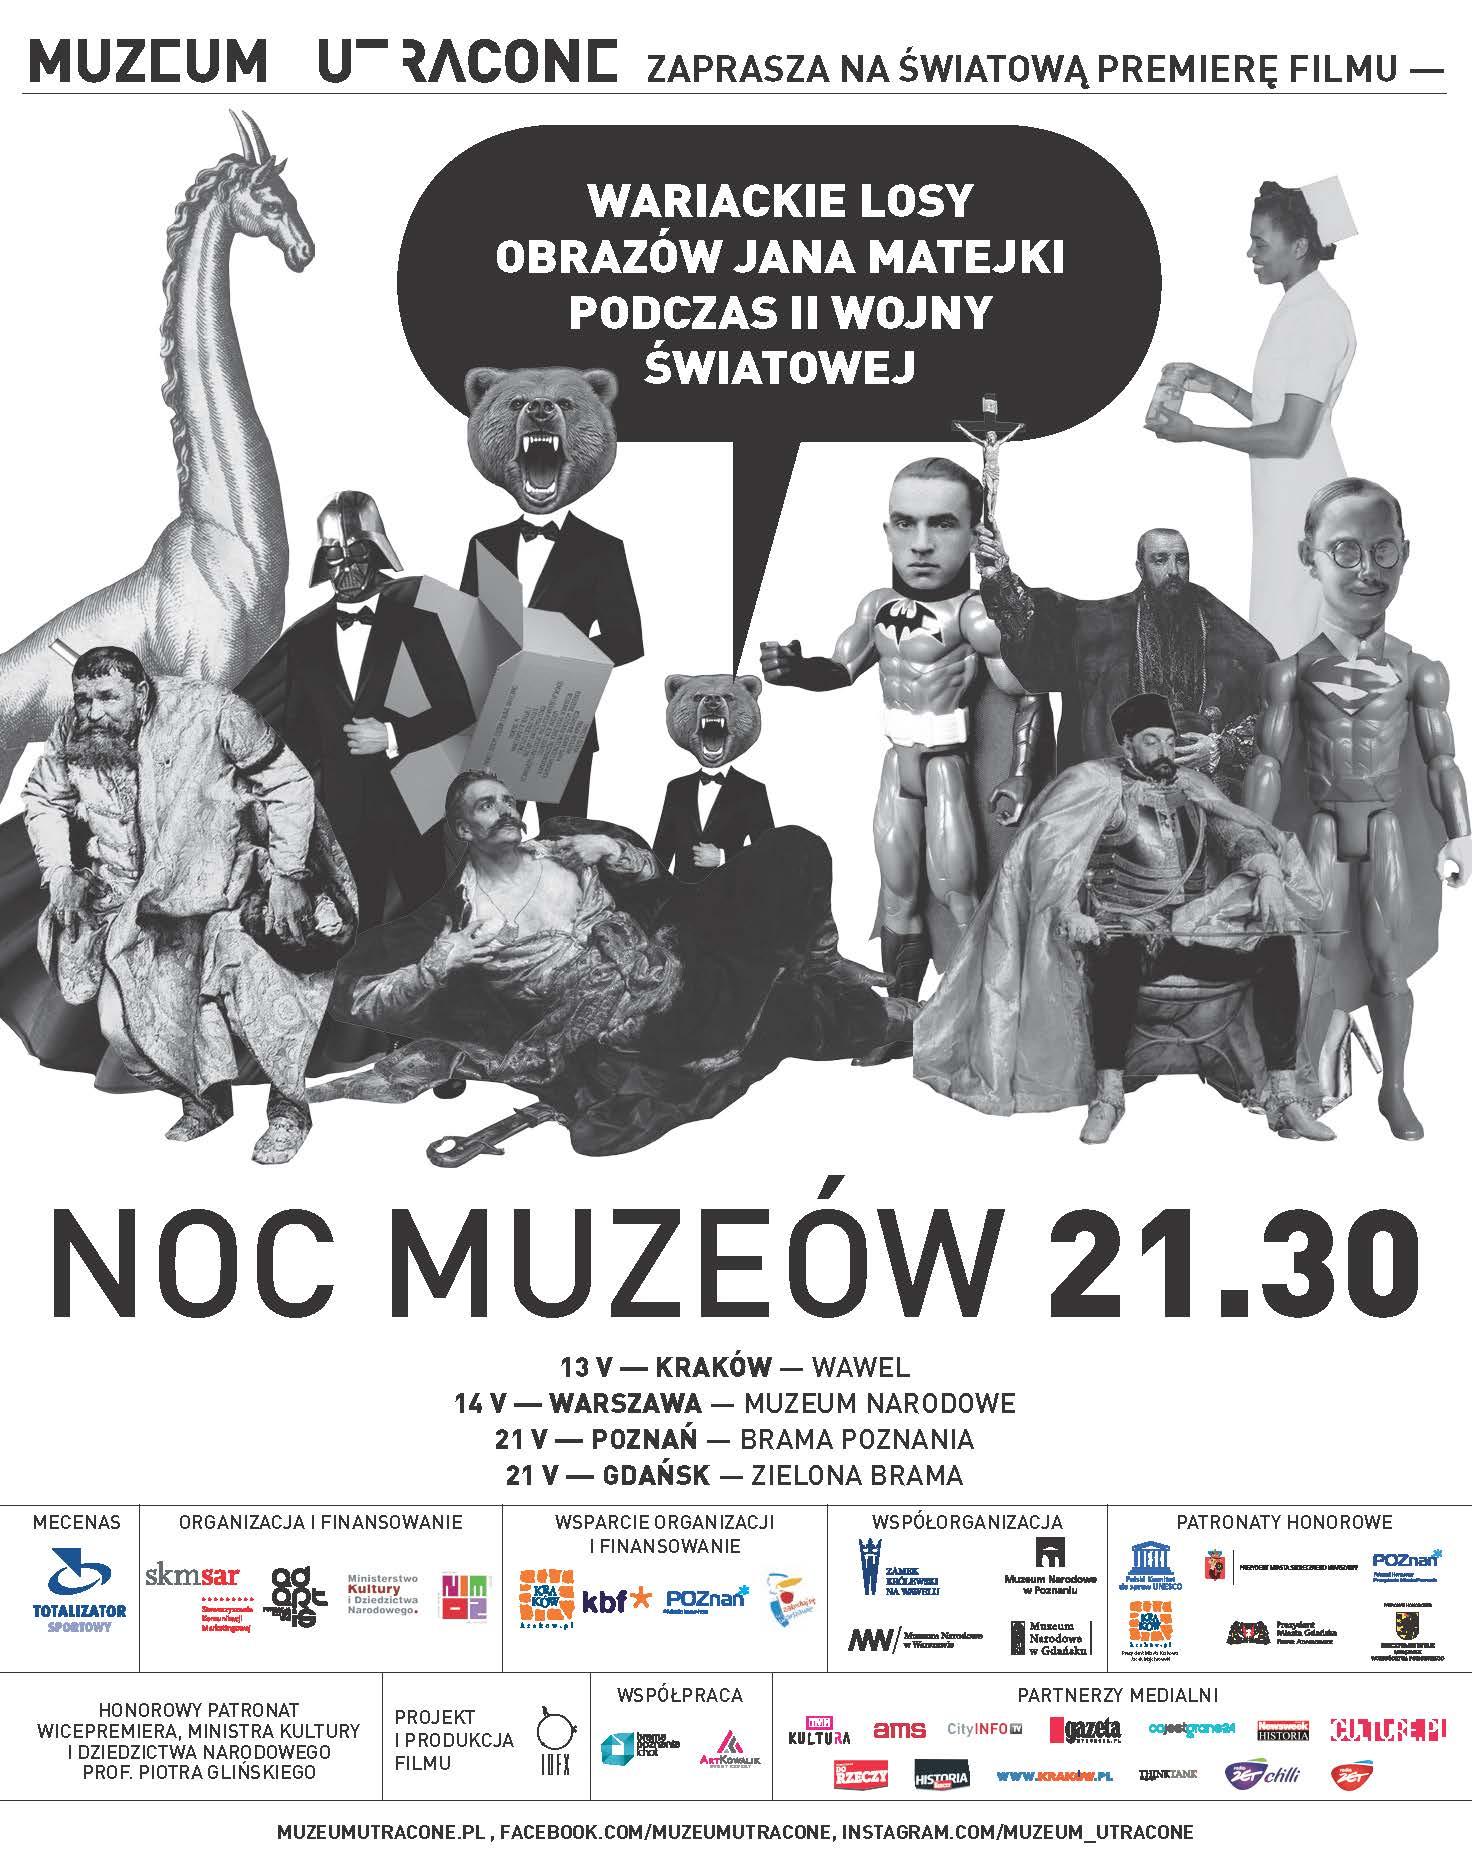 Totalizator Sportowy Mecenasem projektu Muzeum Utracone 2016 Mediarun Opinie 186mm x 237mm 090516 02